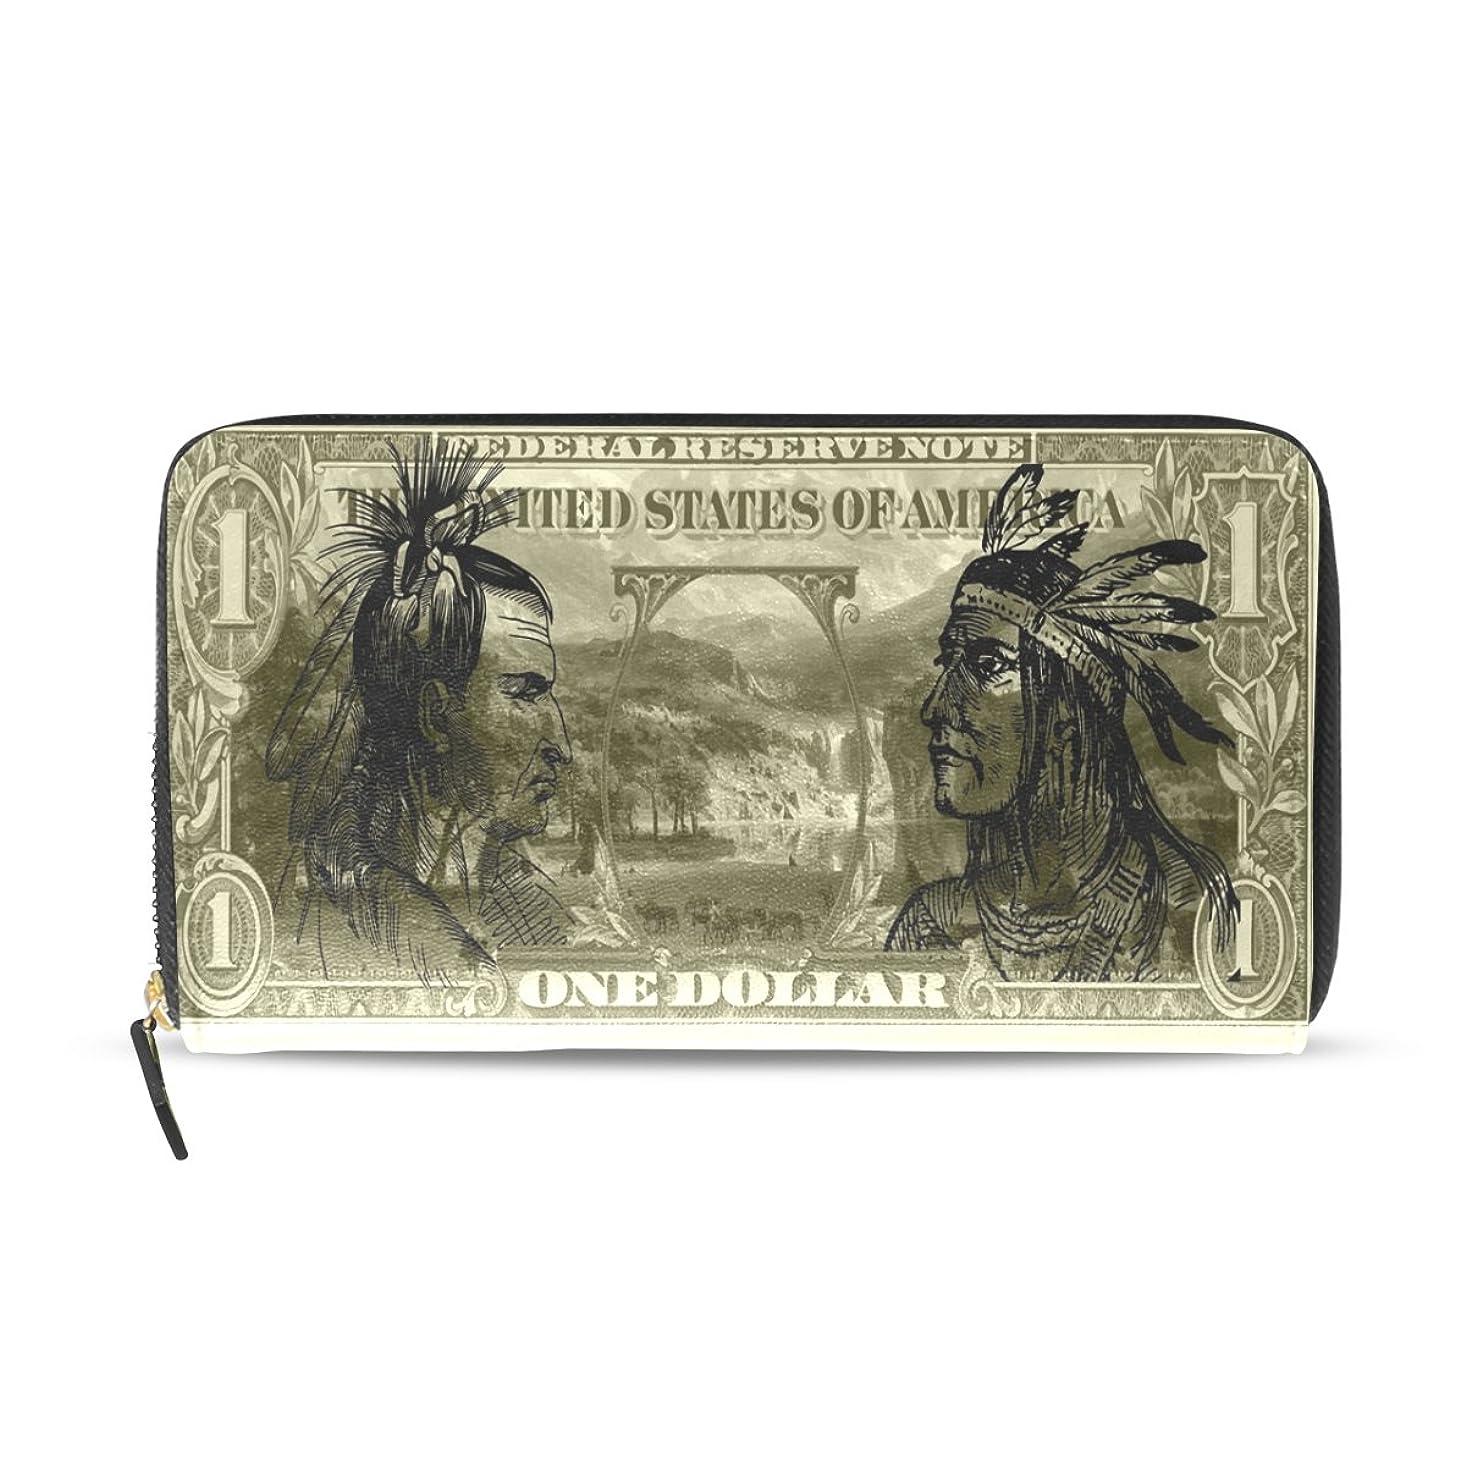 シェル啓示中国マキク(MAKIKU) 財布 長財布 レディース 革 大容量 ラウンドファスナー PUレザー 小銭入れ カード12枚収納 プレゼント対応 お札柄 インディアン おもしろ